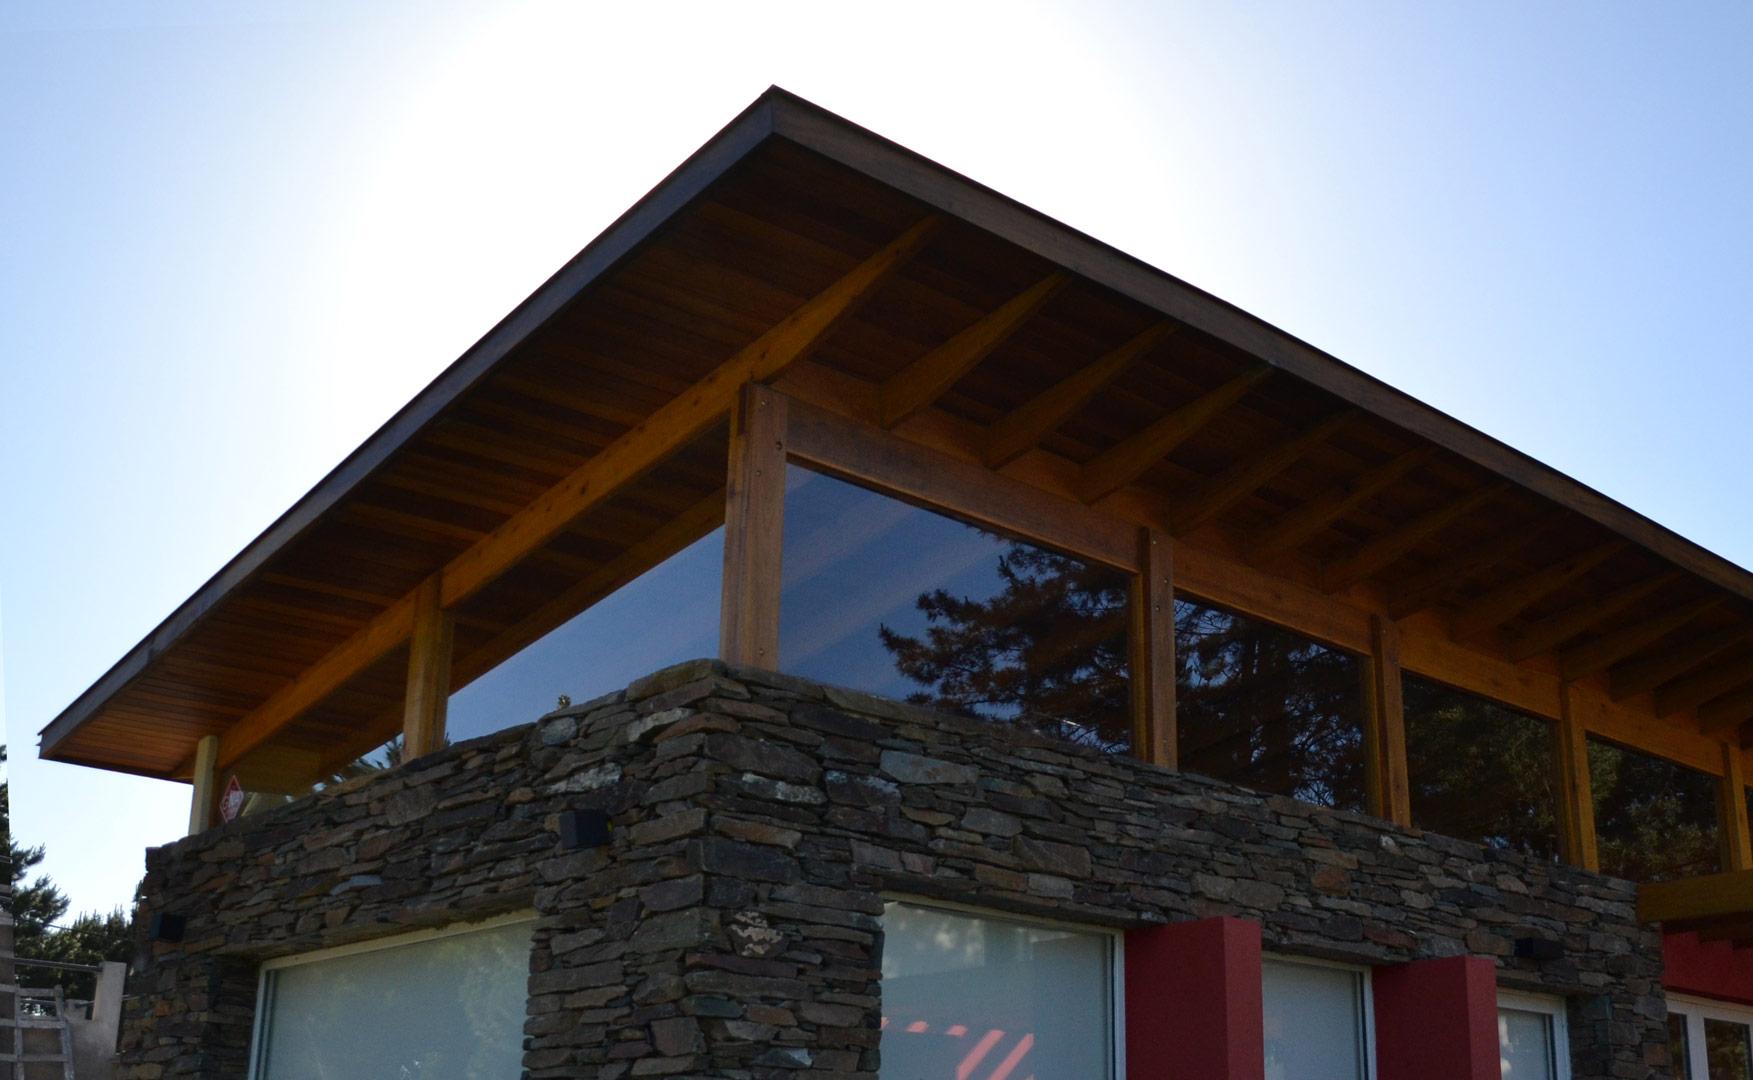 Estudio moir arquitectos casa estilo actual for Estudios de arquitectura la plata